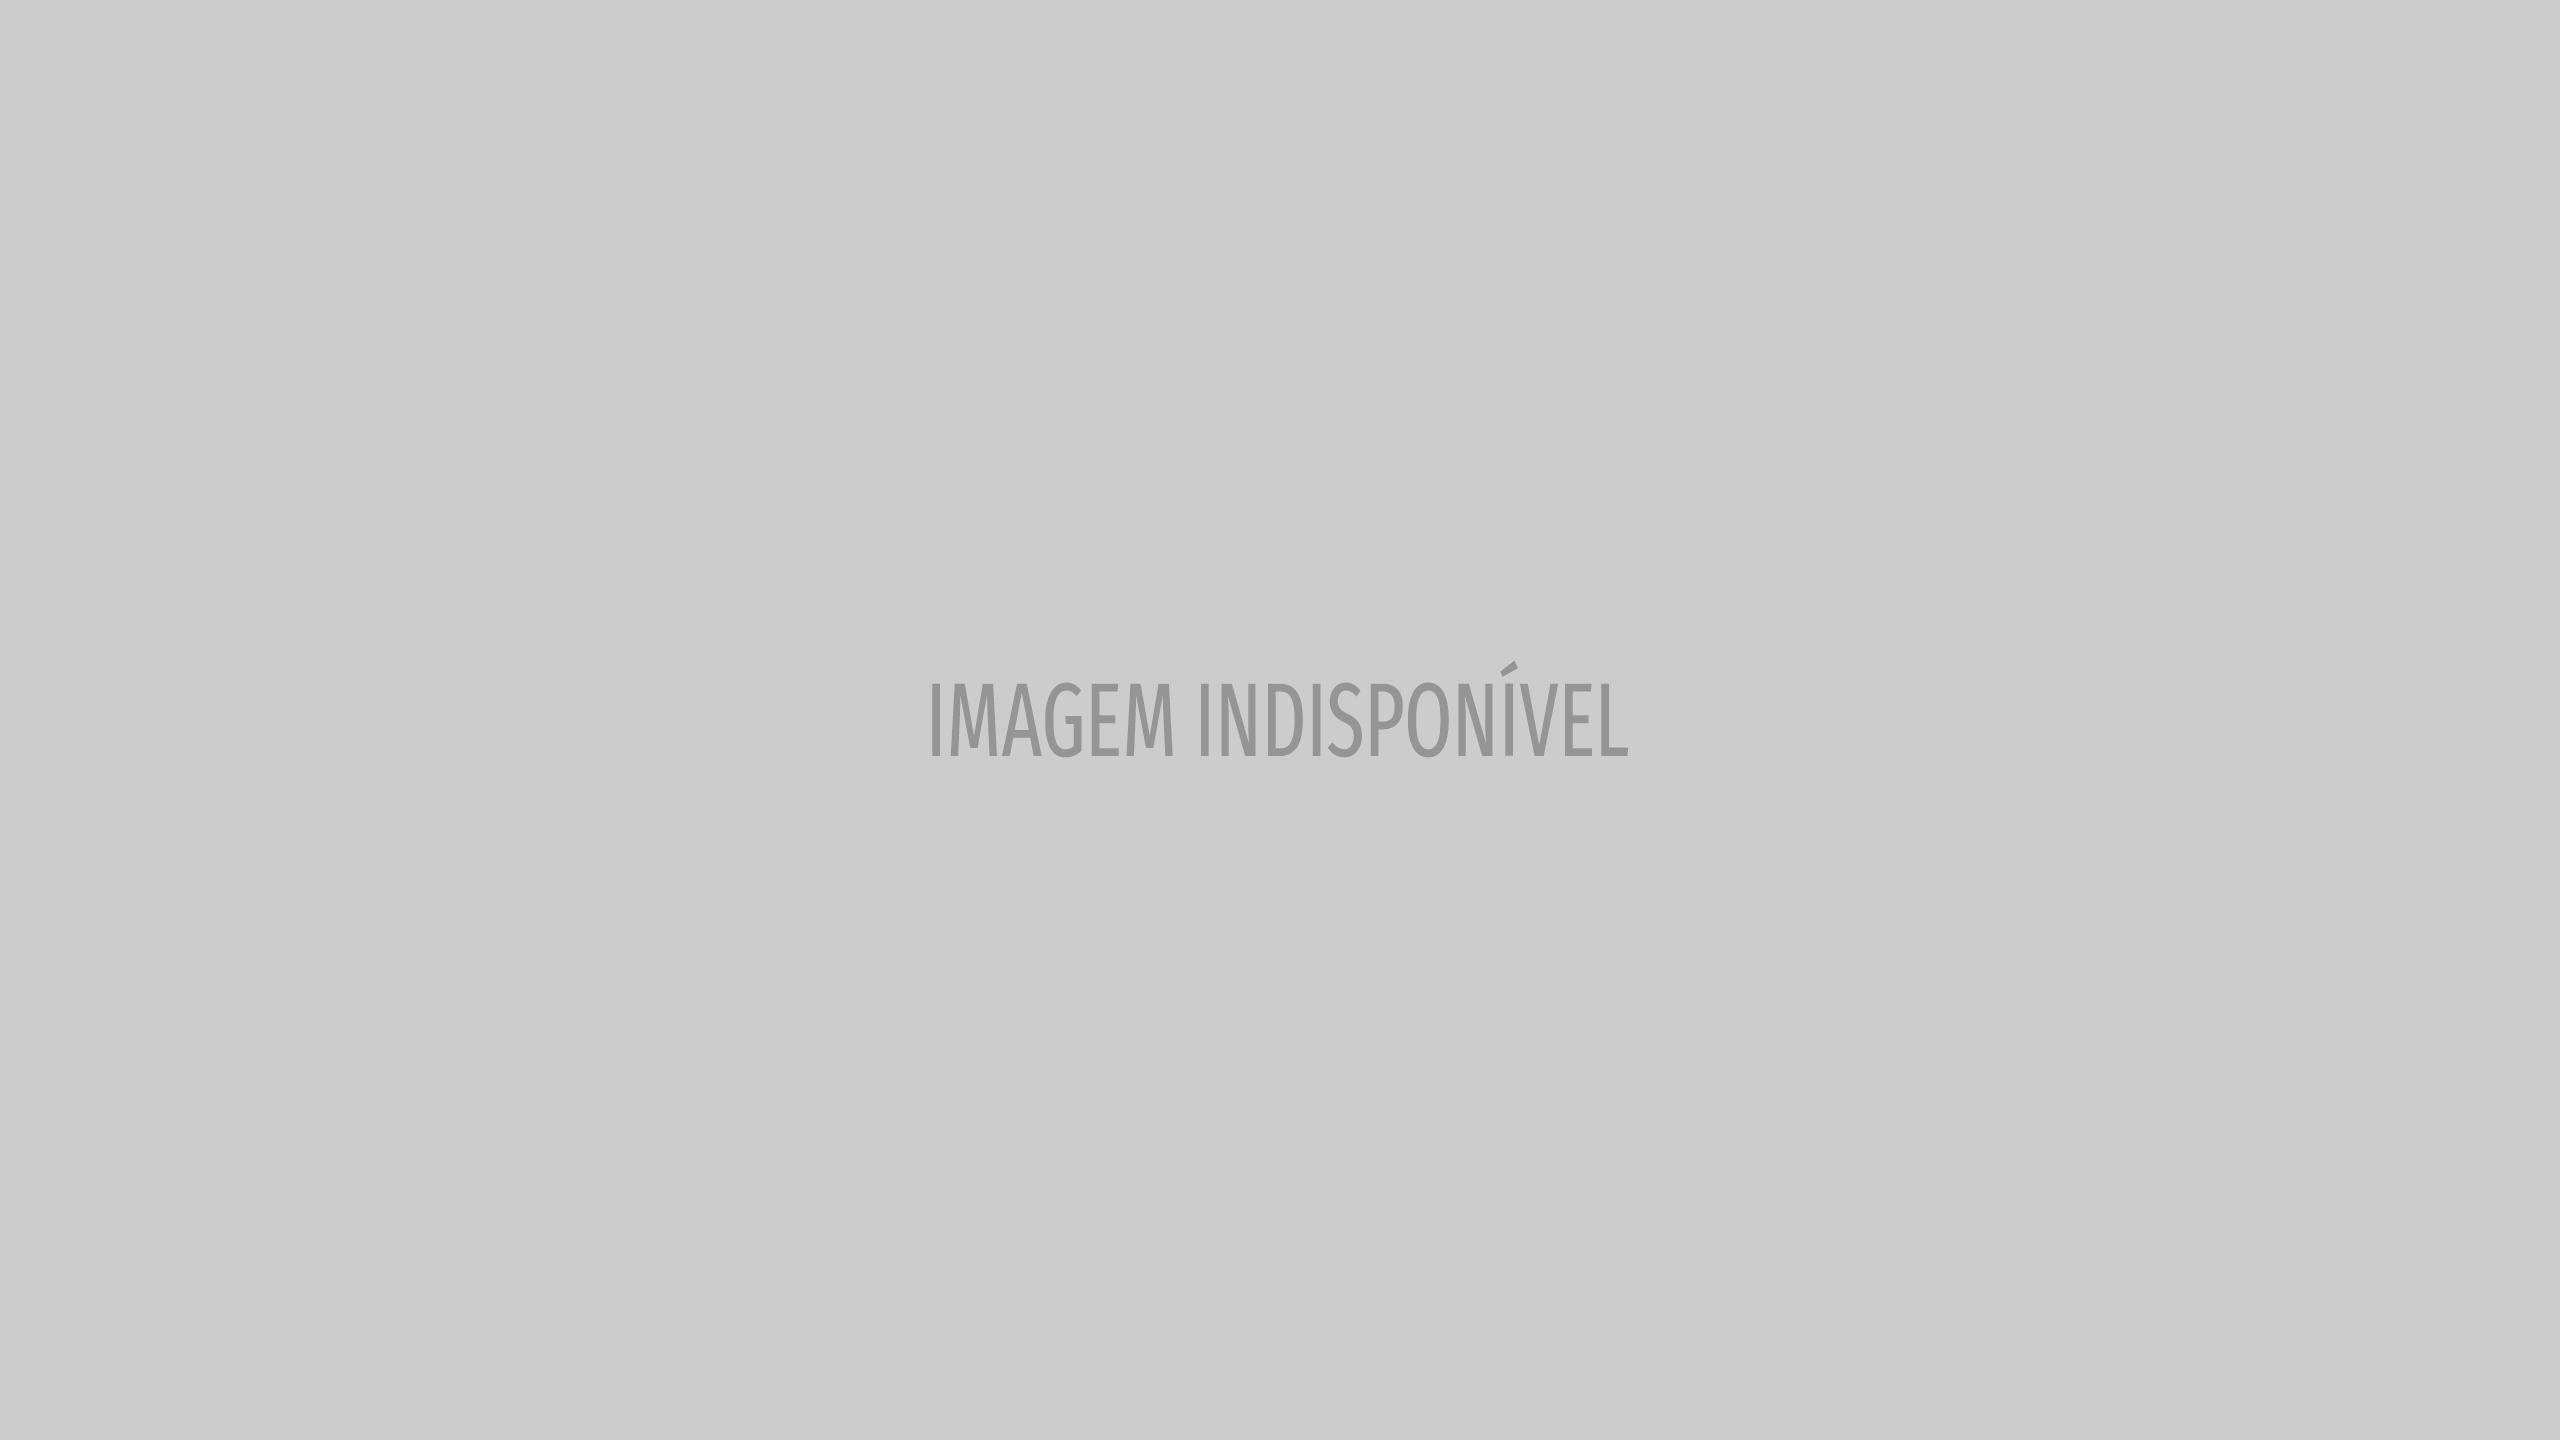 Huck e Angélica publicam foto na web e questionam ministra Damares